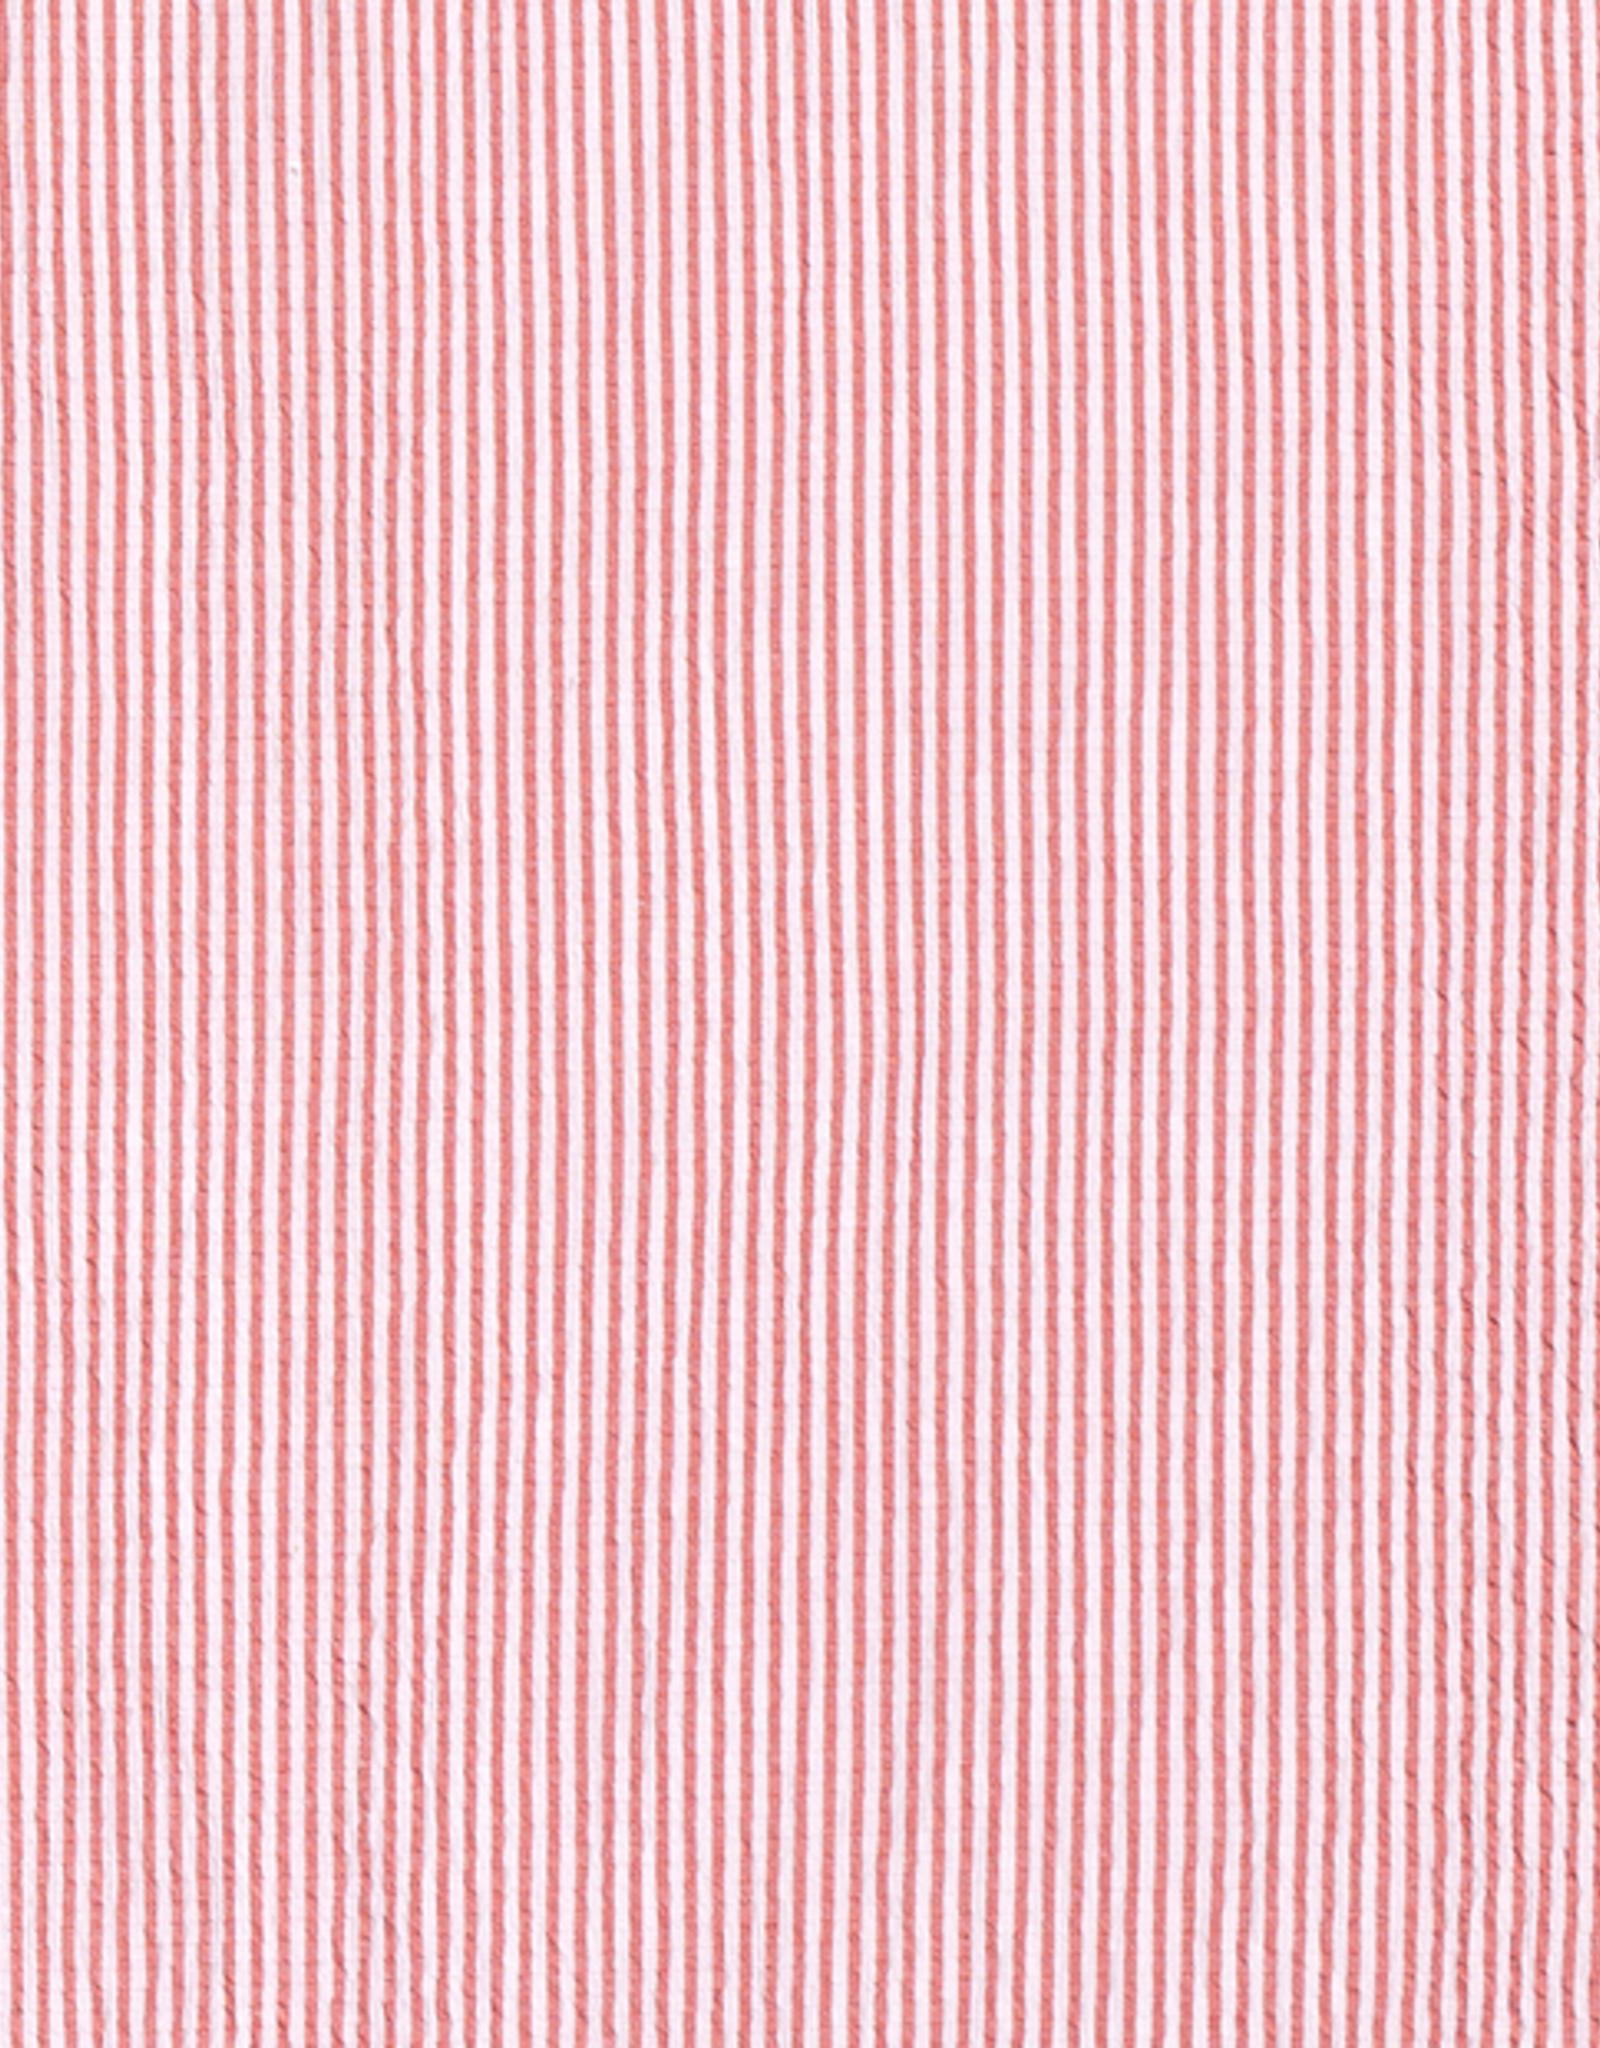 Seersucker gestreept rood